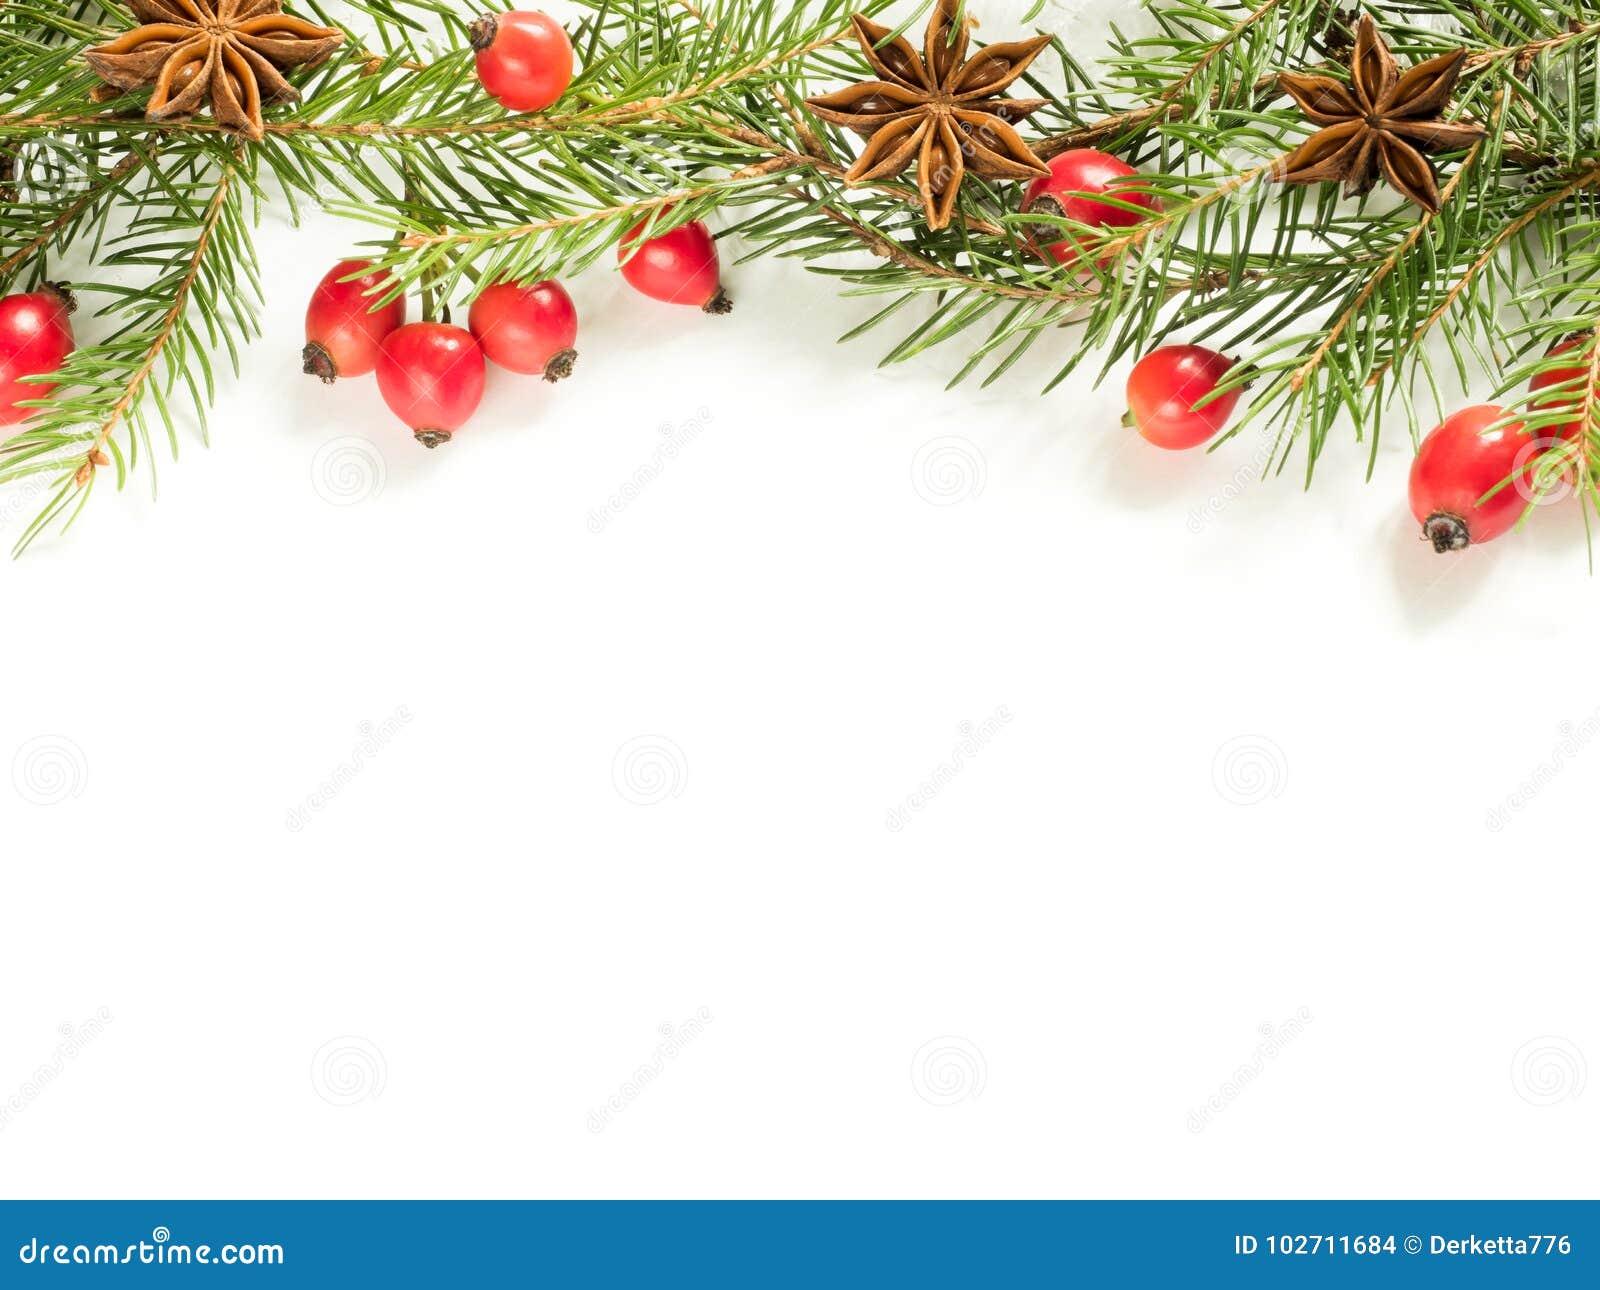 Украшения на белой предпосылке, плоды шиповника рождества ягод, звезды, ель разветвляют скопируйте космос